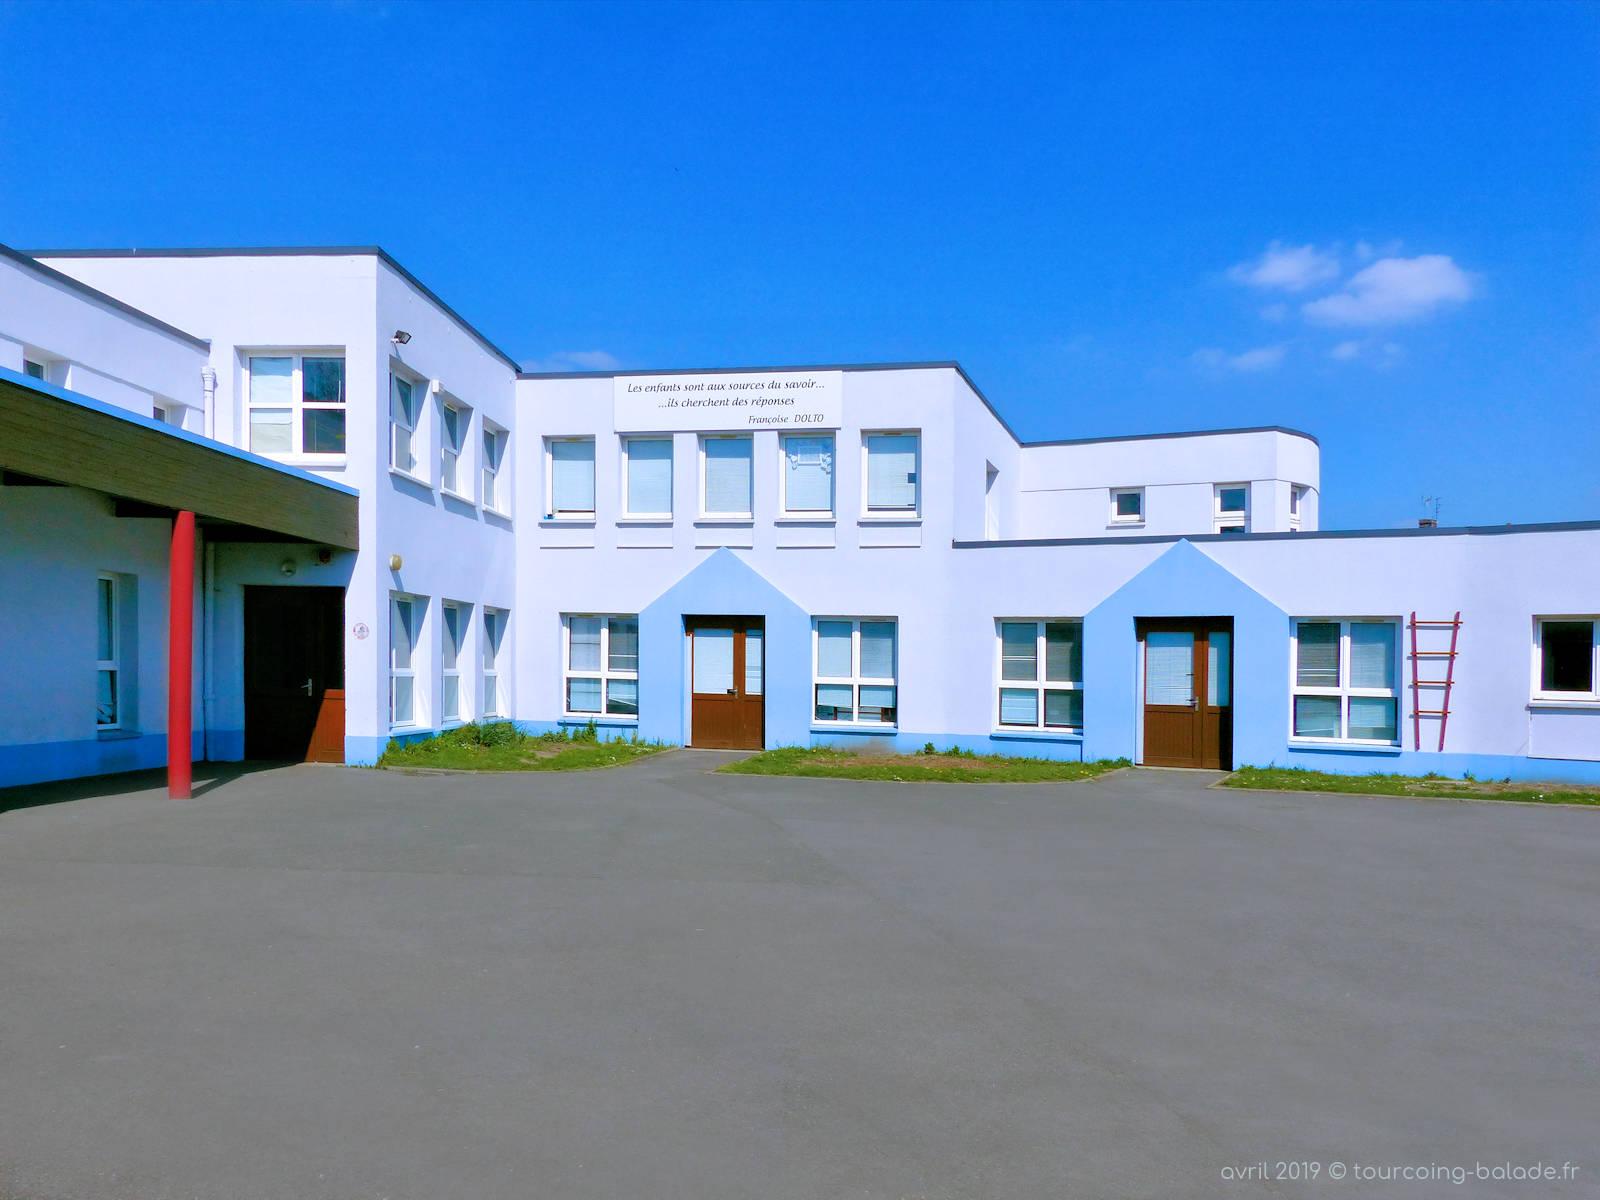 École catholique primaire Françoise Dolto, Tourcoing